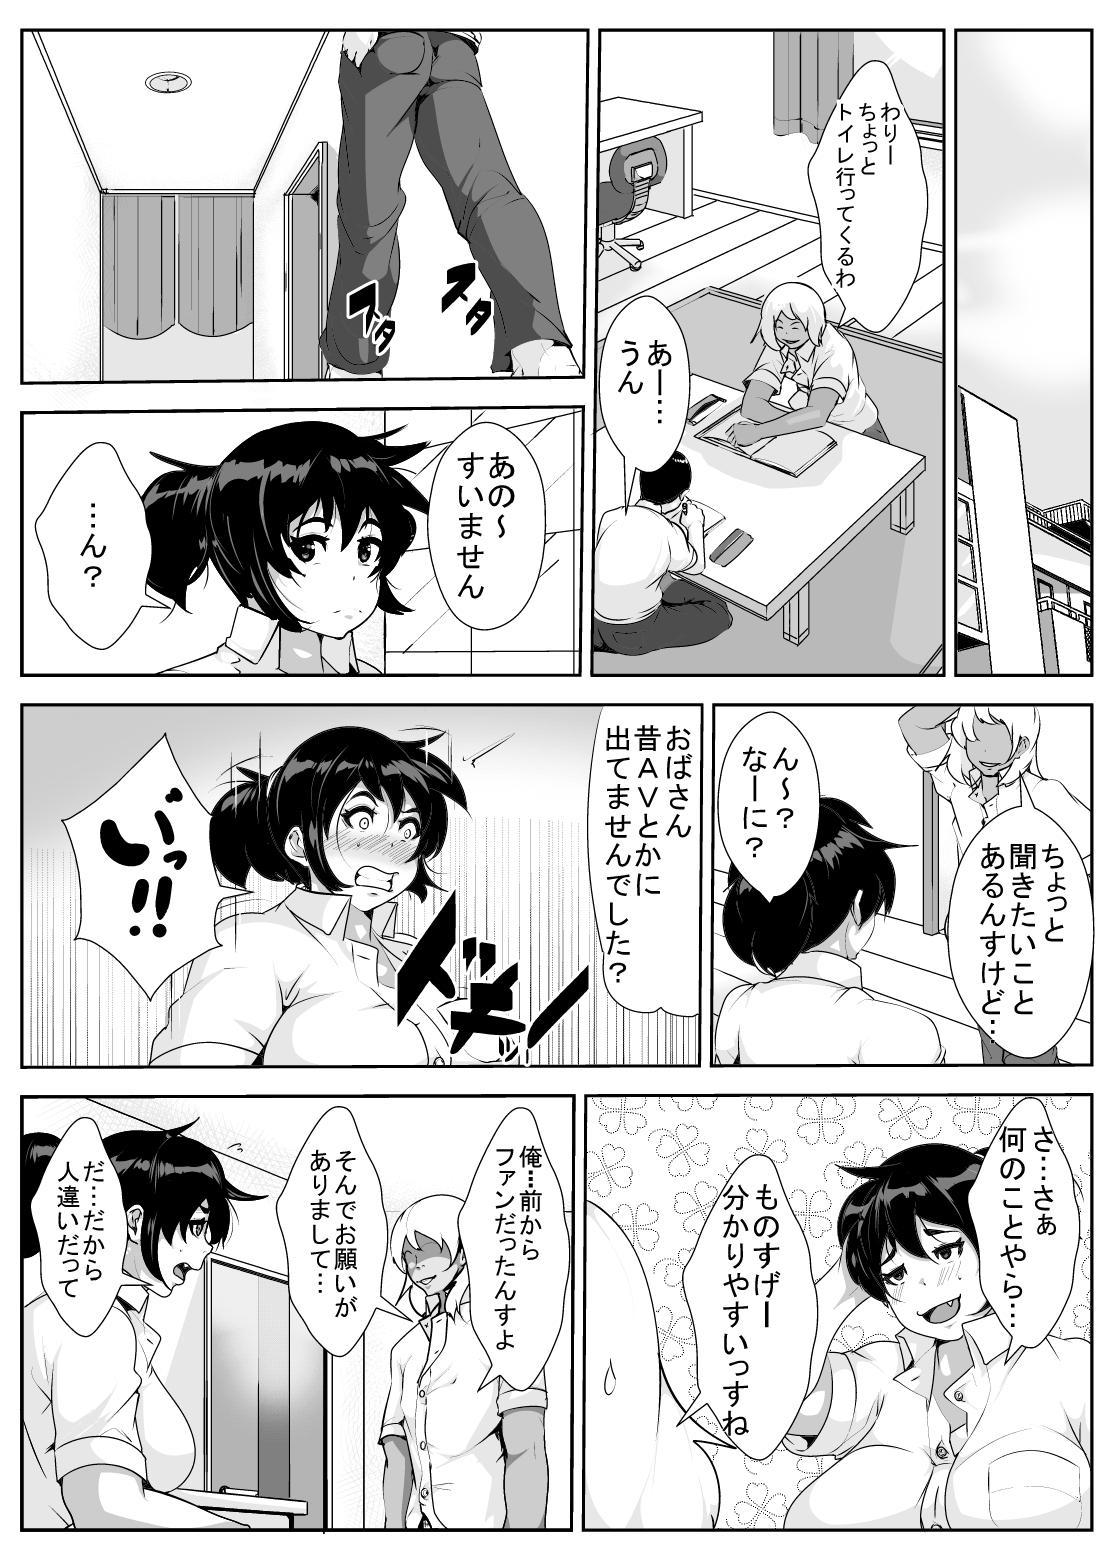 Musuko no Doukyuusei ni Odosarete... 3